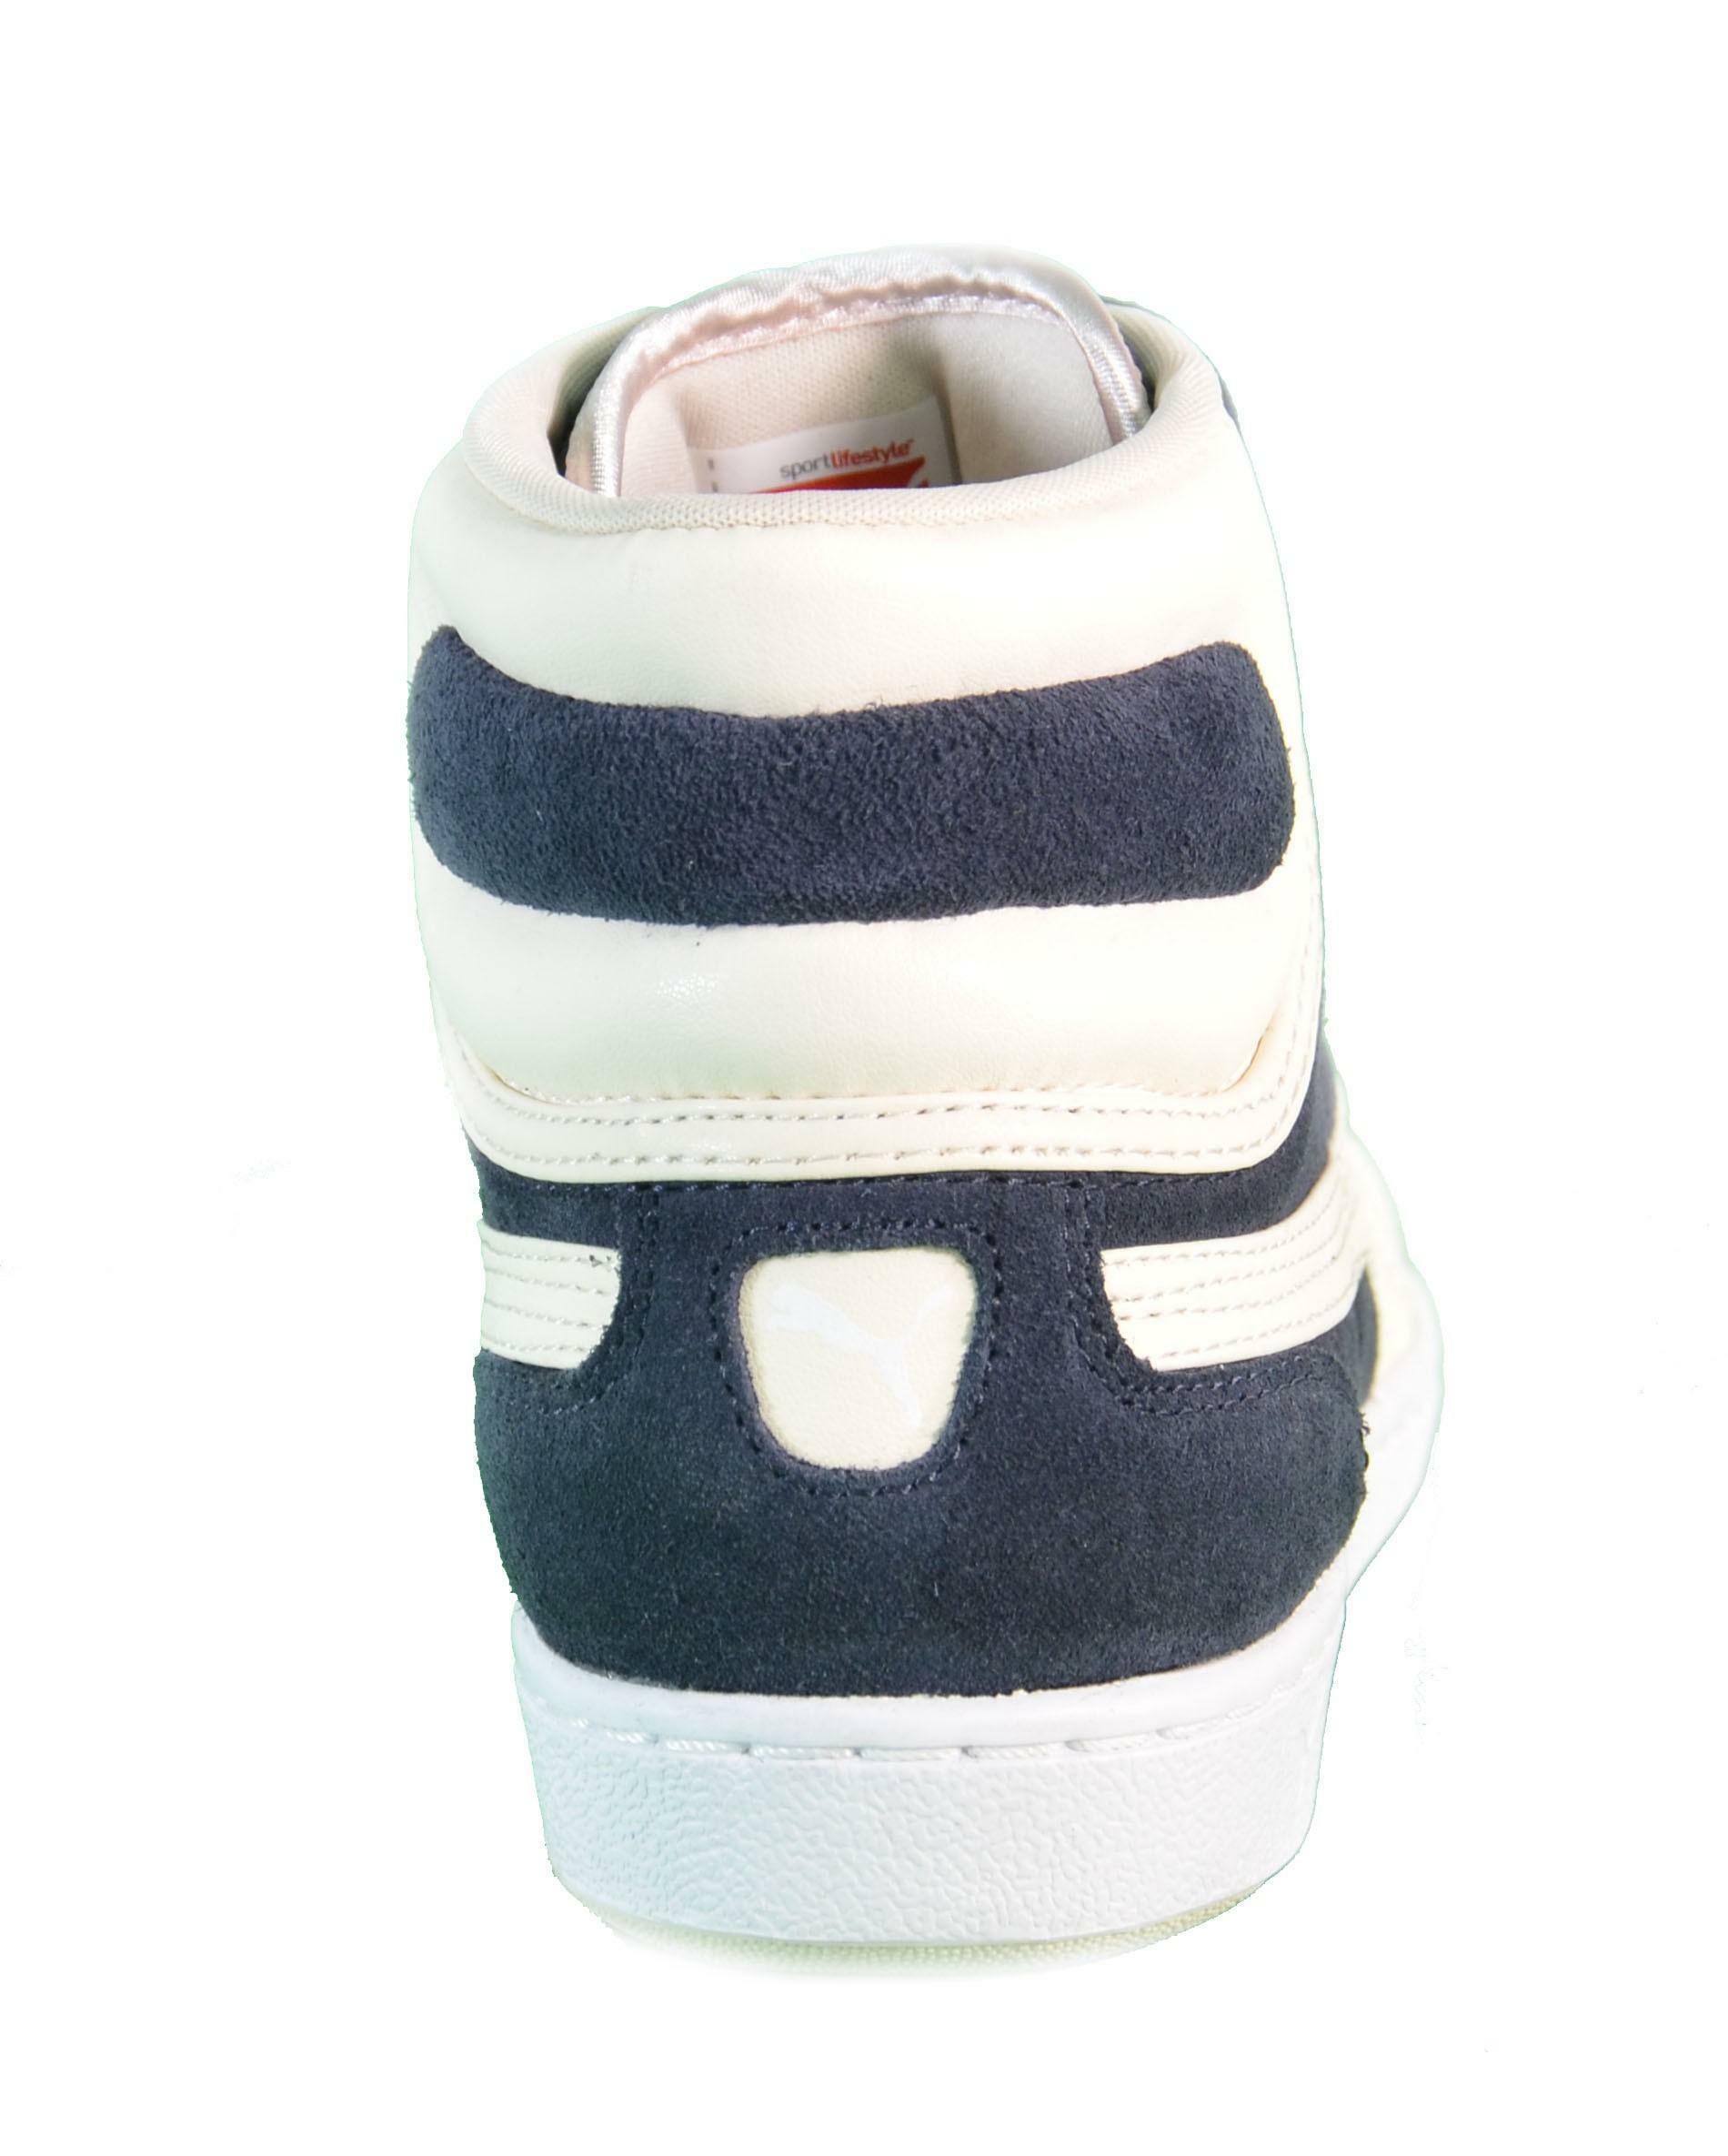 puma puma cross shot wn's scarpe sportive uomo blu pelle lacci 355849